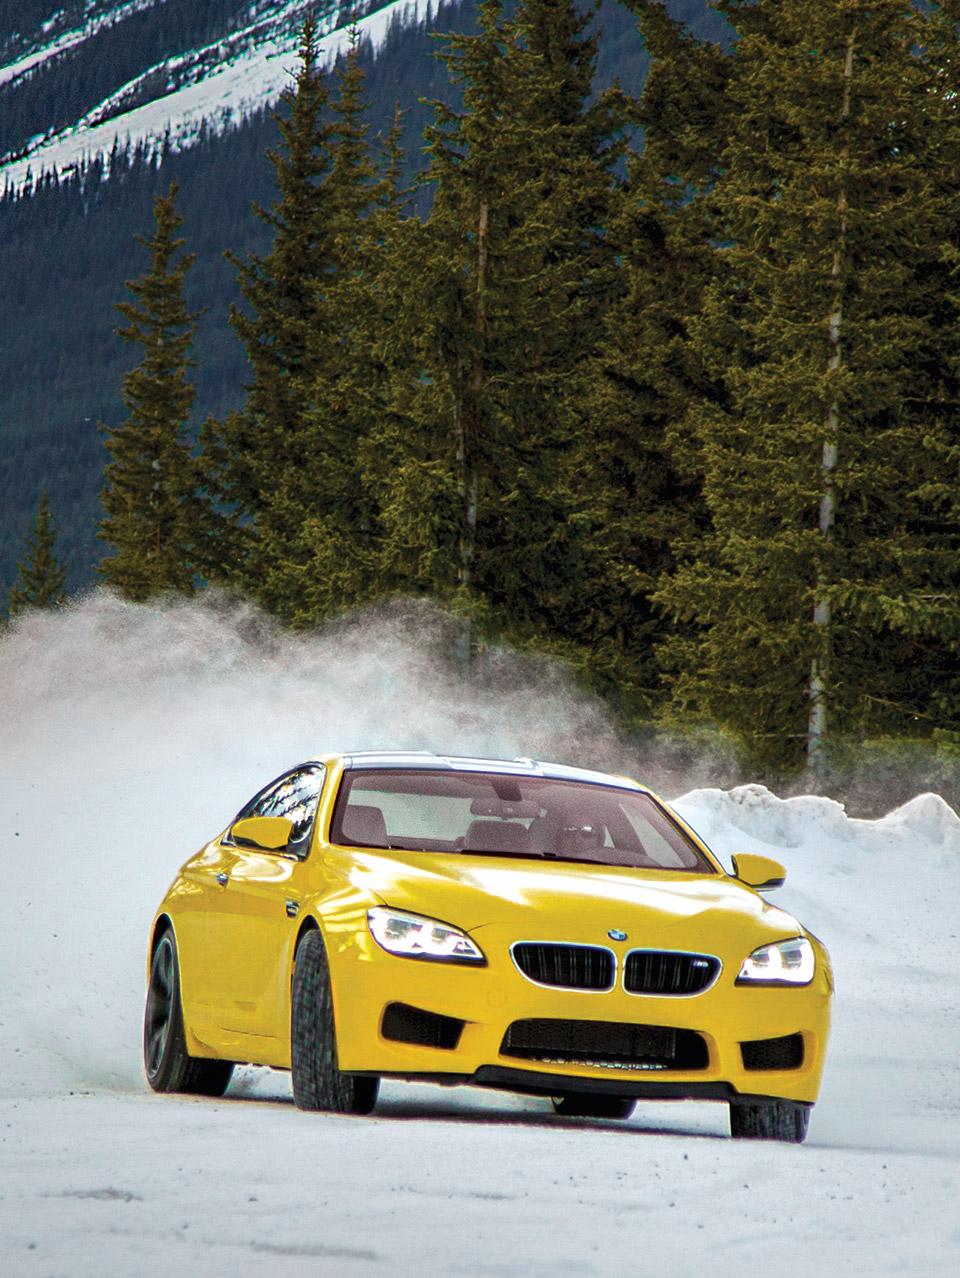 joyride 4 Ποδαρικό με το δεξί ...πεντάλ! BMW, BMW M, BMW M6, Car sound, Engine, Fun, Joyride, Pennzoil, Roads, videos, zblog